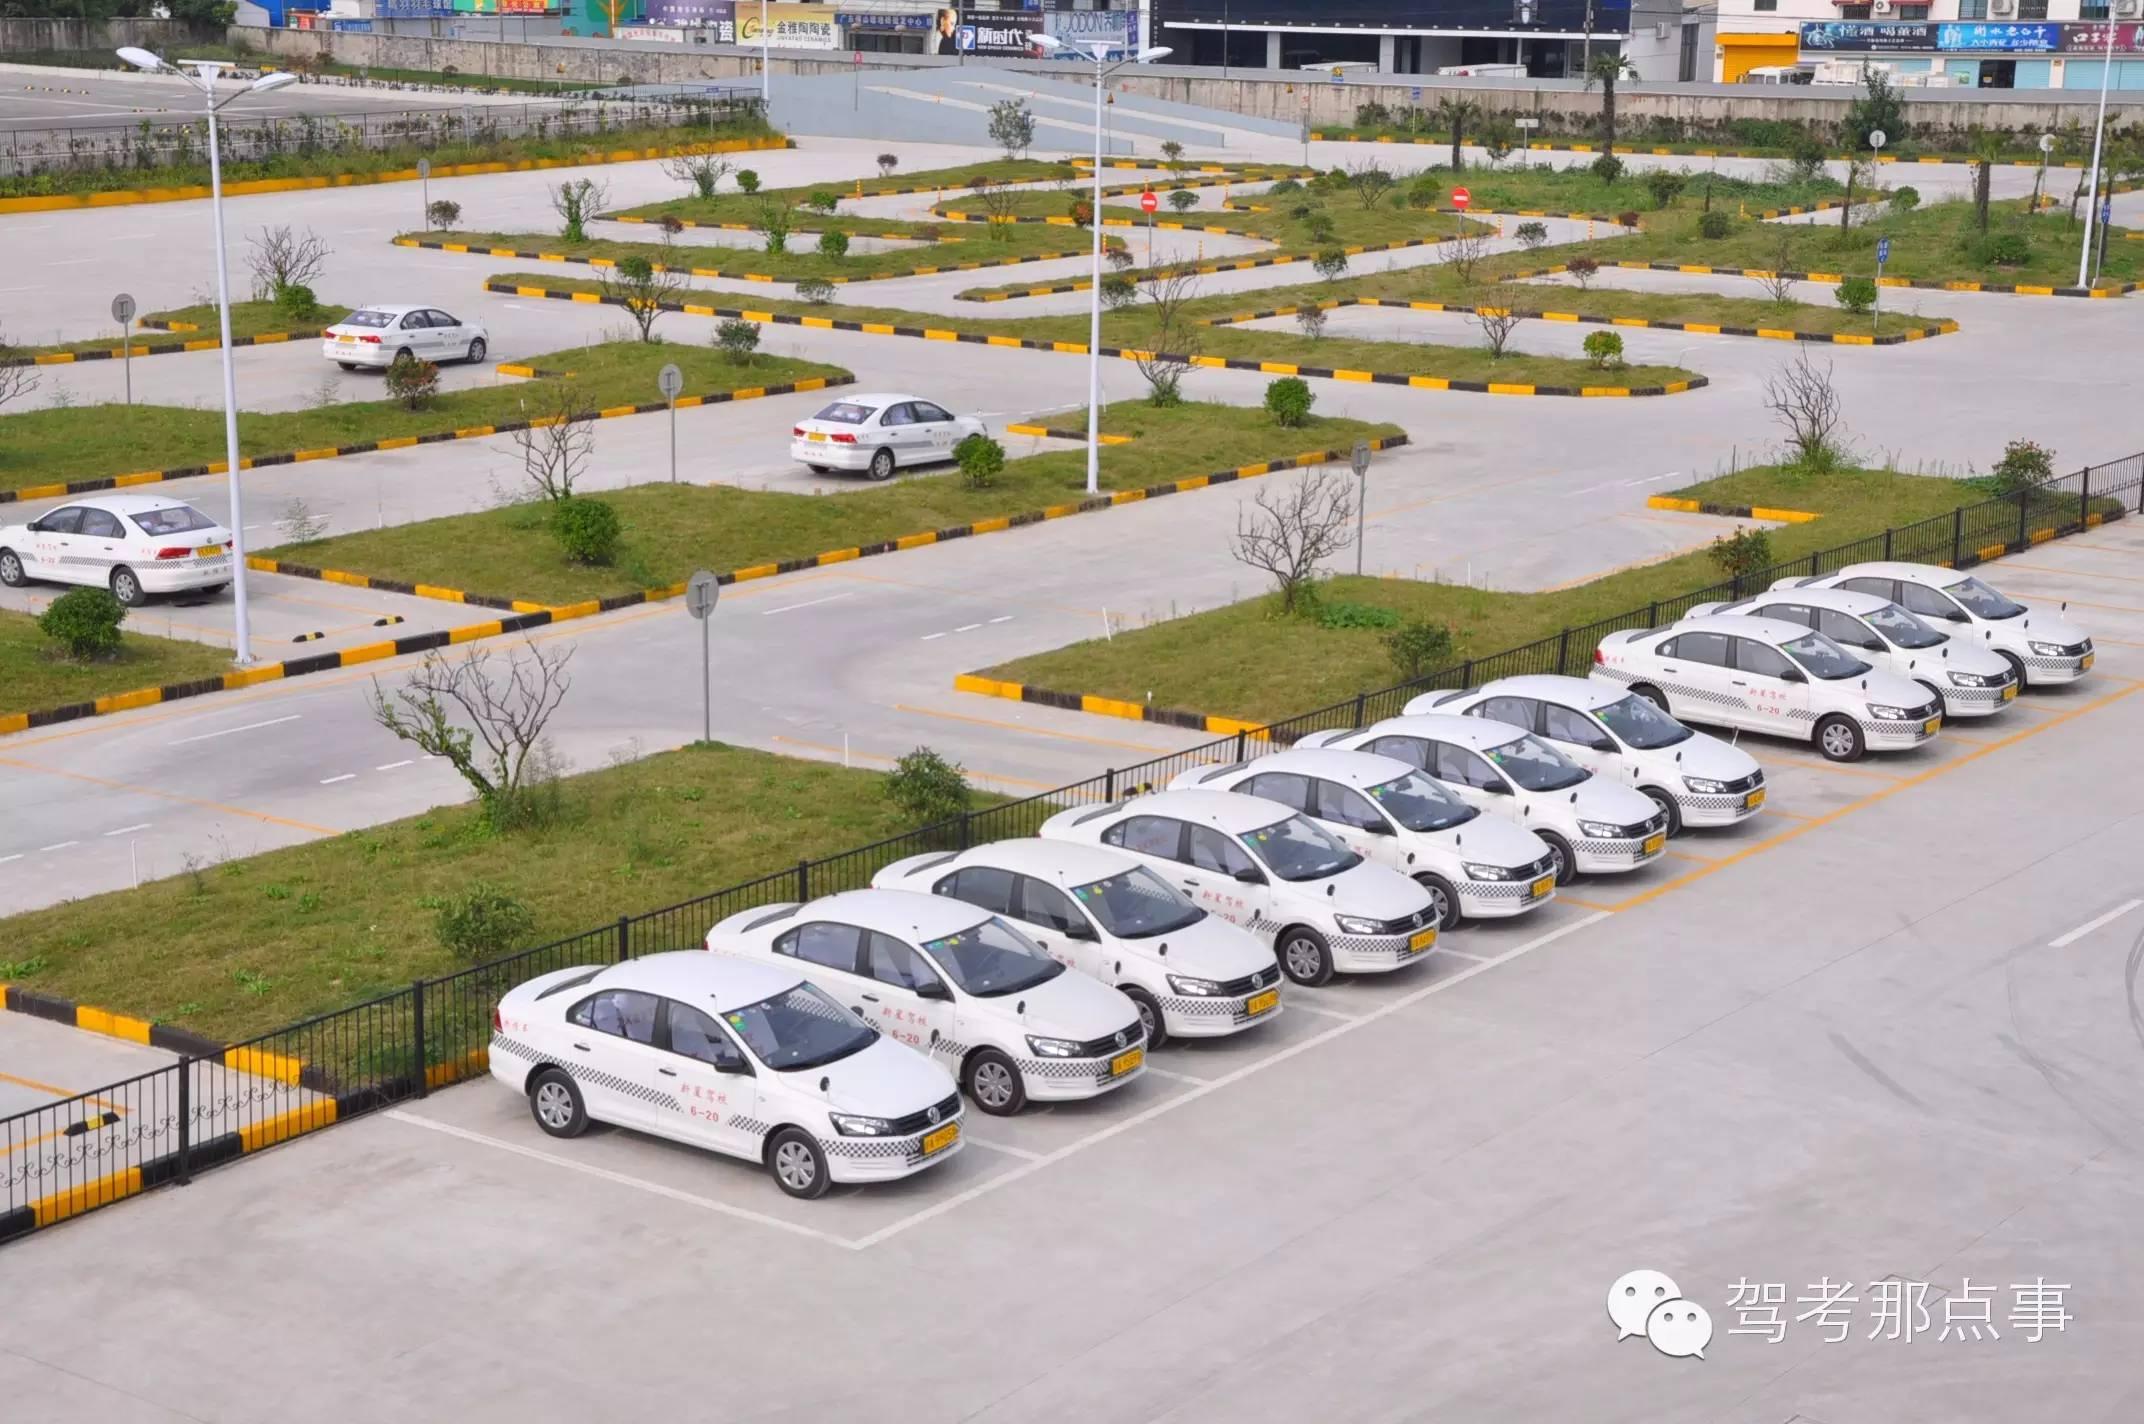 上海新星驾校在努力提供优质的教学服务的同时规范化的场地设计及园林